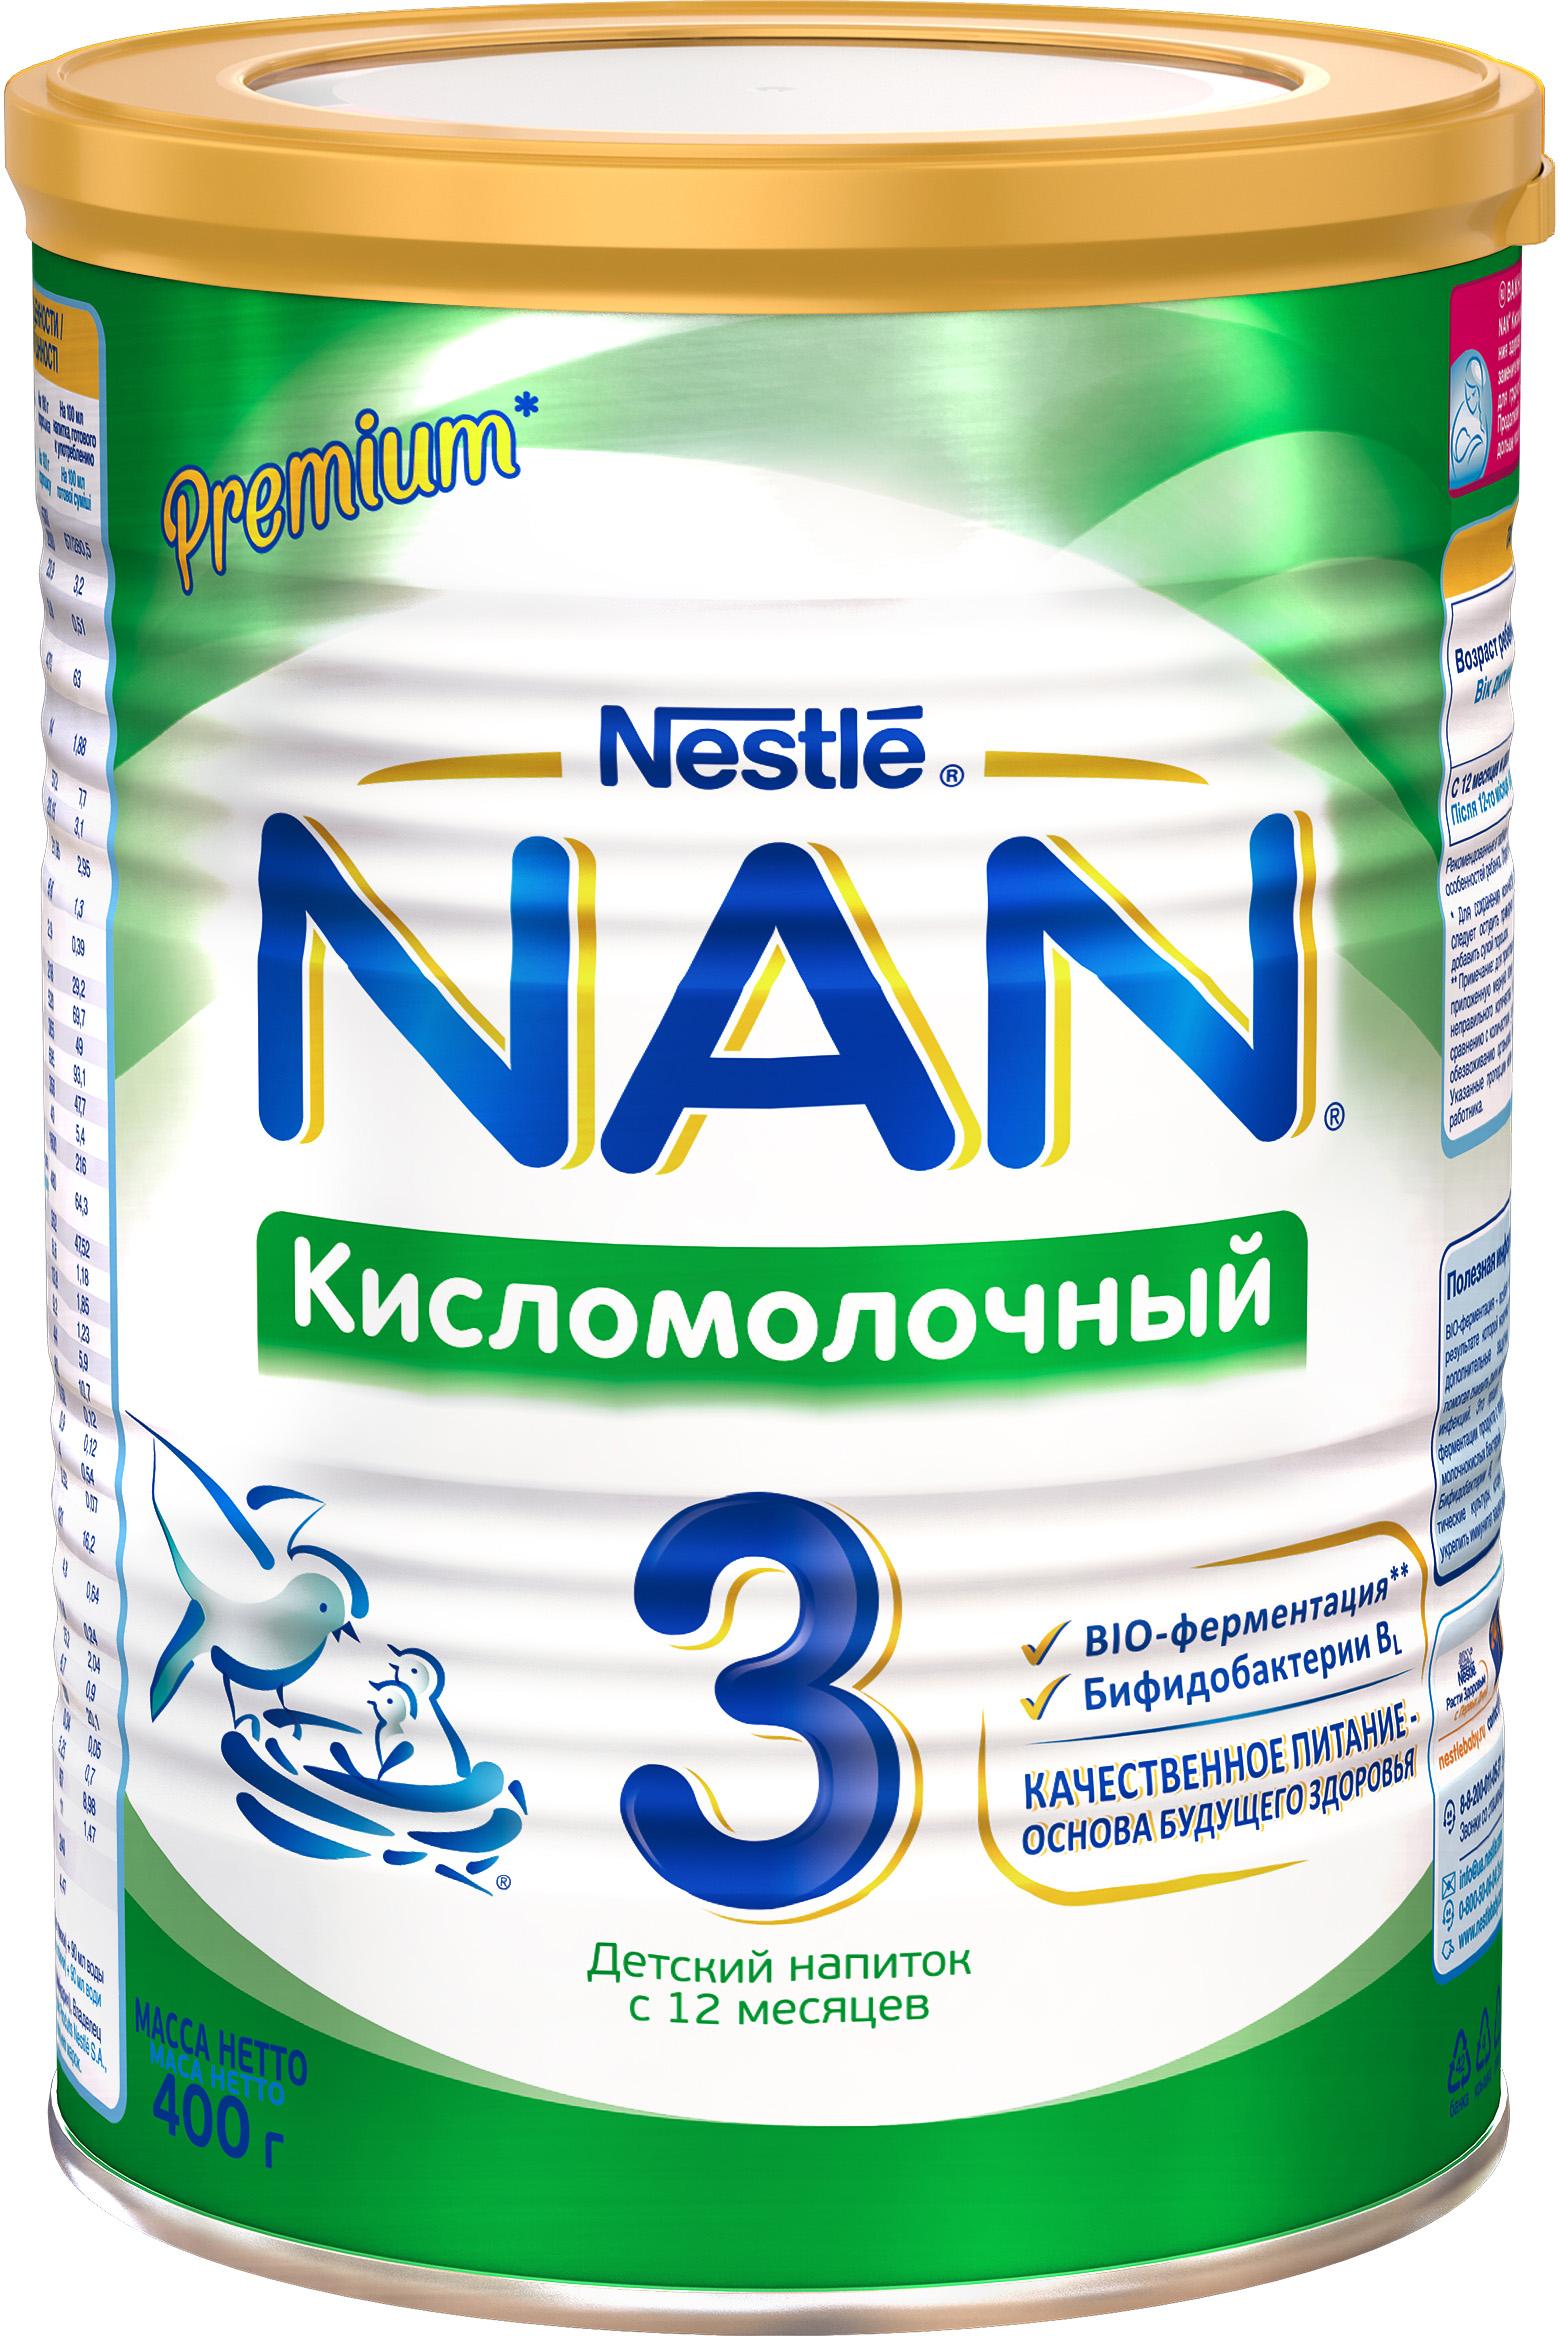 Молочная смесь Nestle NAN (Nestlé) Кисломолочный 3 (с 12 месяцев) 400 г цена